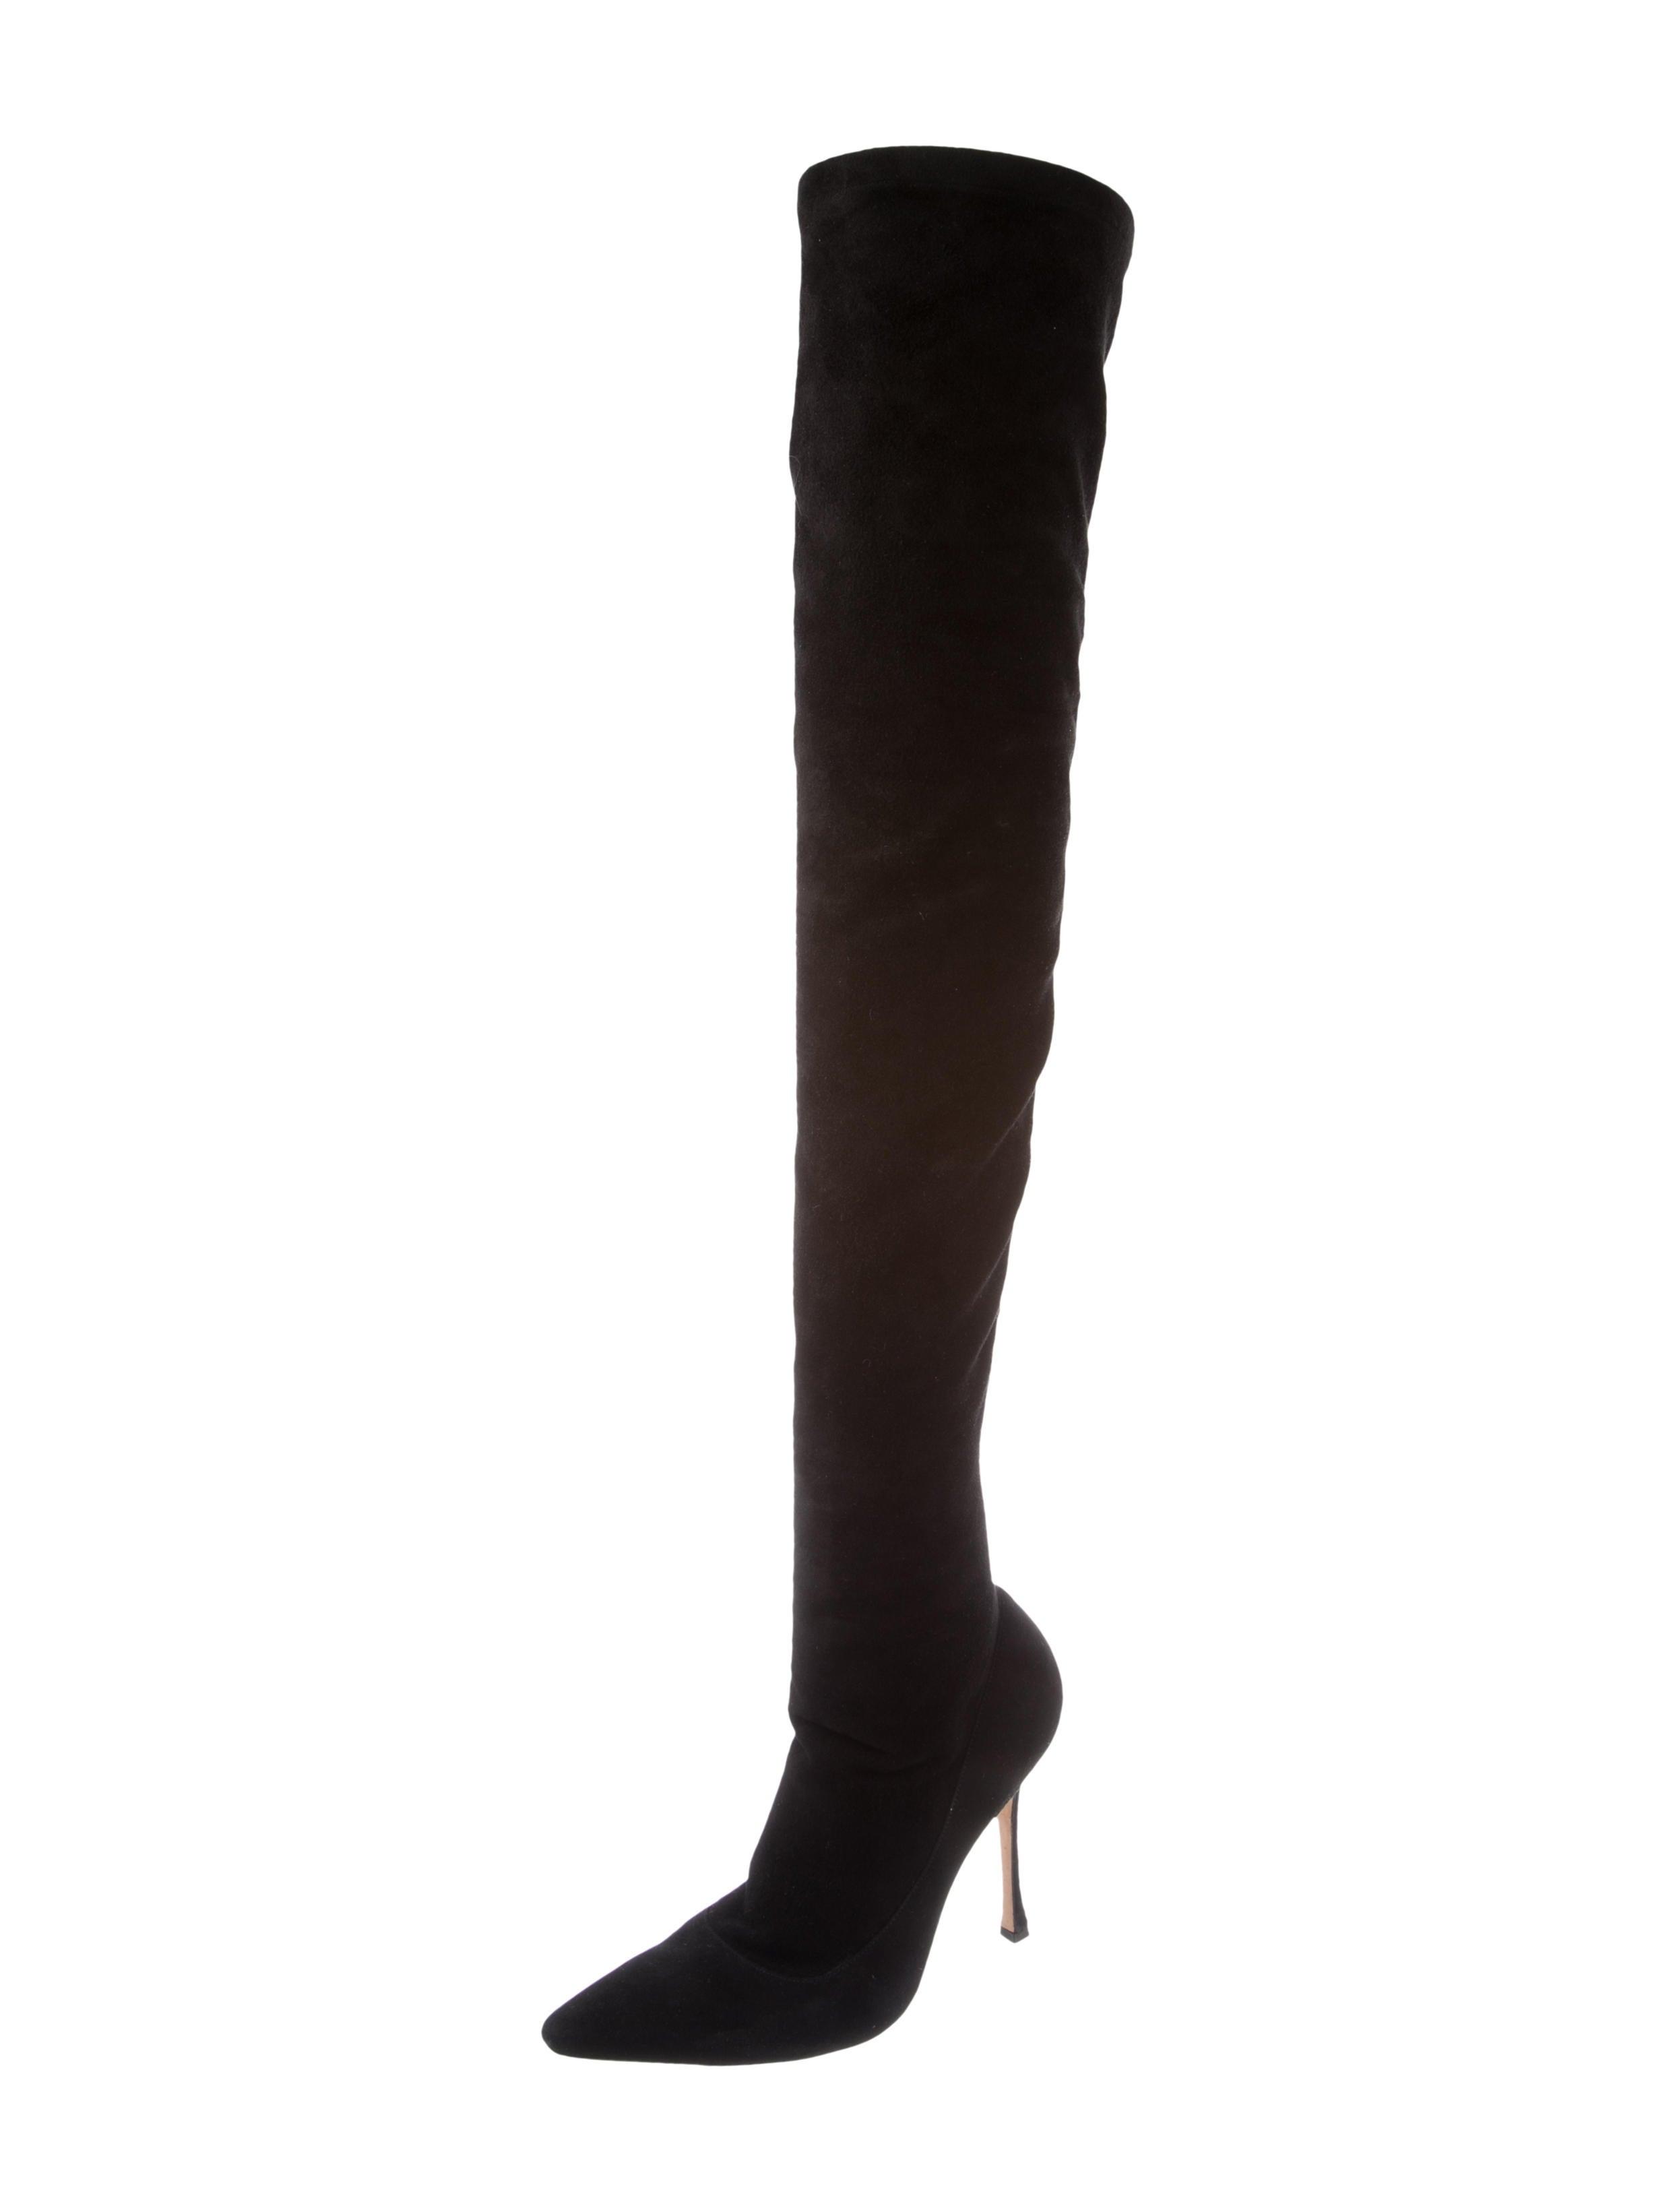 manolo blahnik lattice over the knee boots